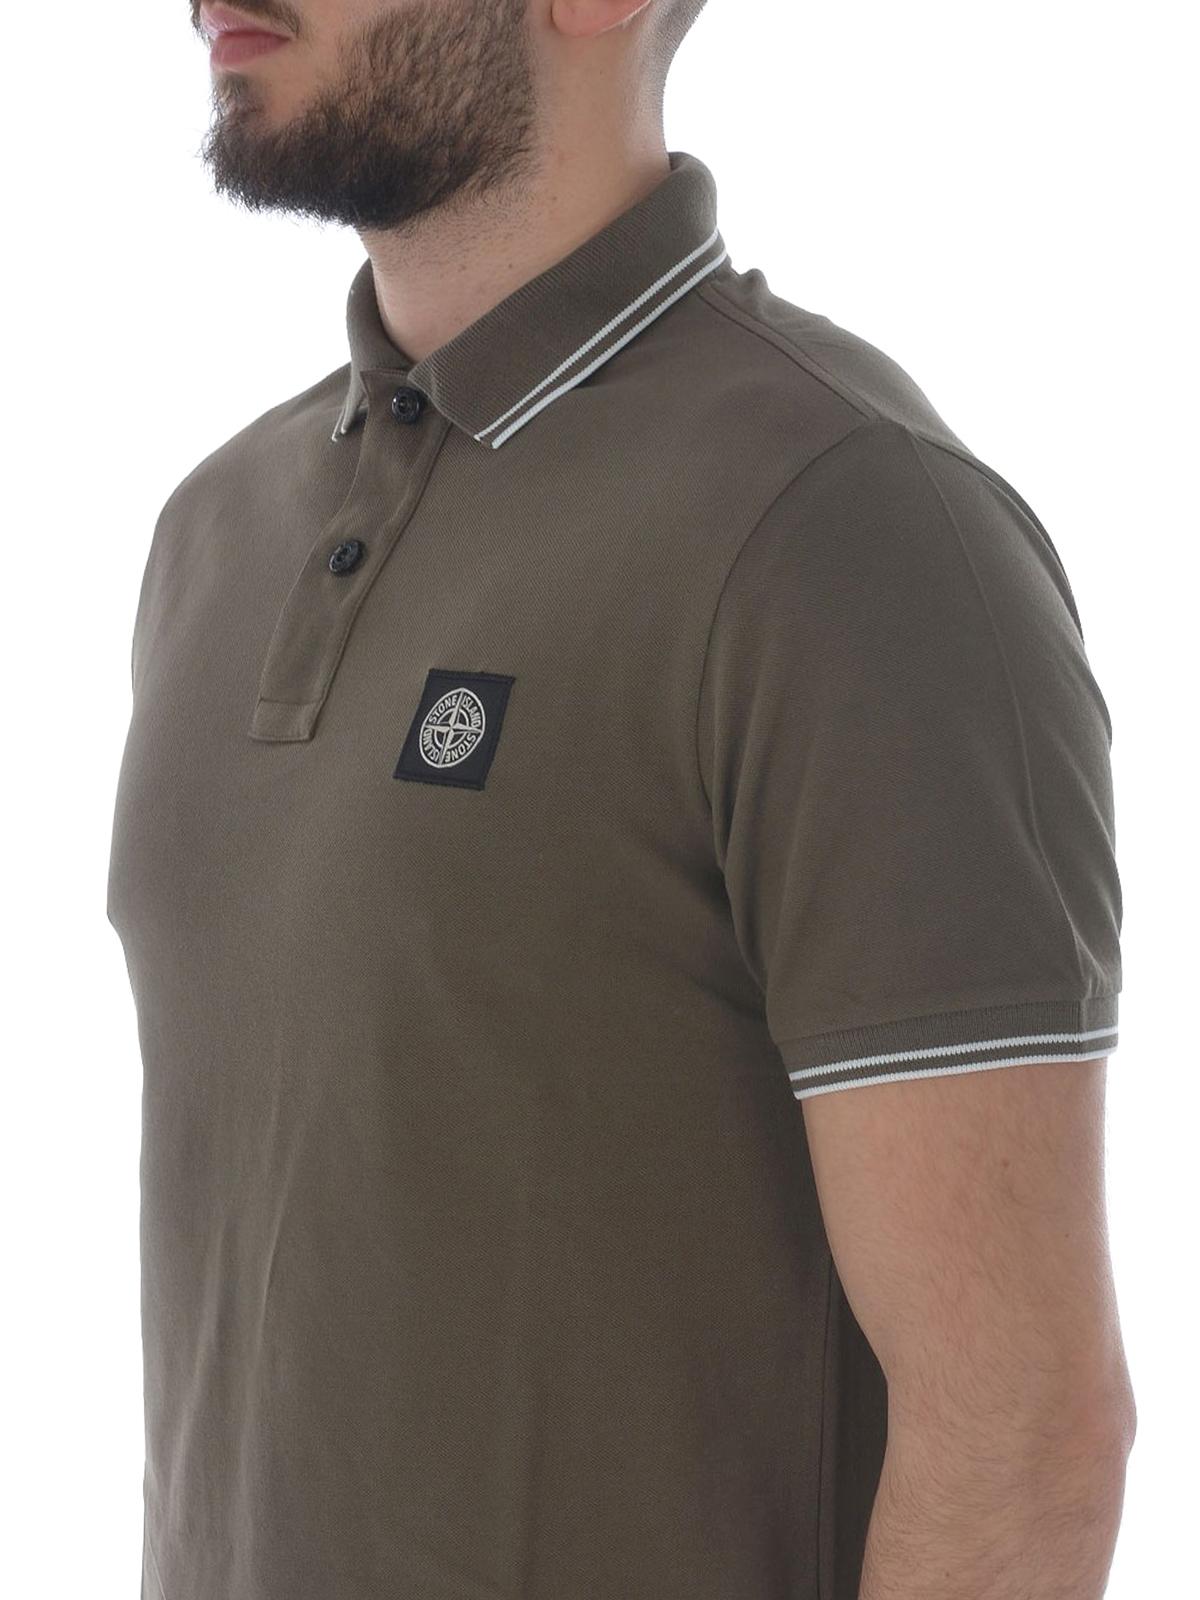 Stone Island Army Green Hue Stretch Polo Shirt Polo Shirts